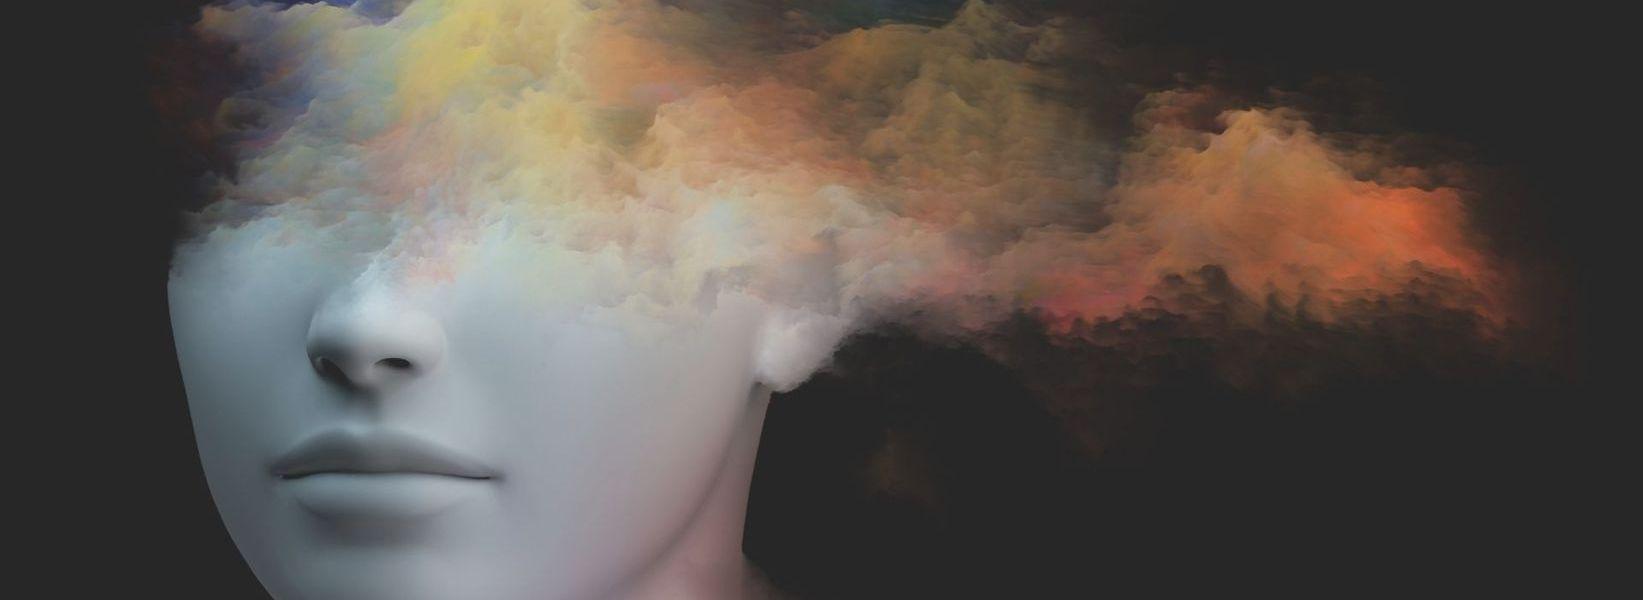 El silencio interior supera todos los sonidos